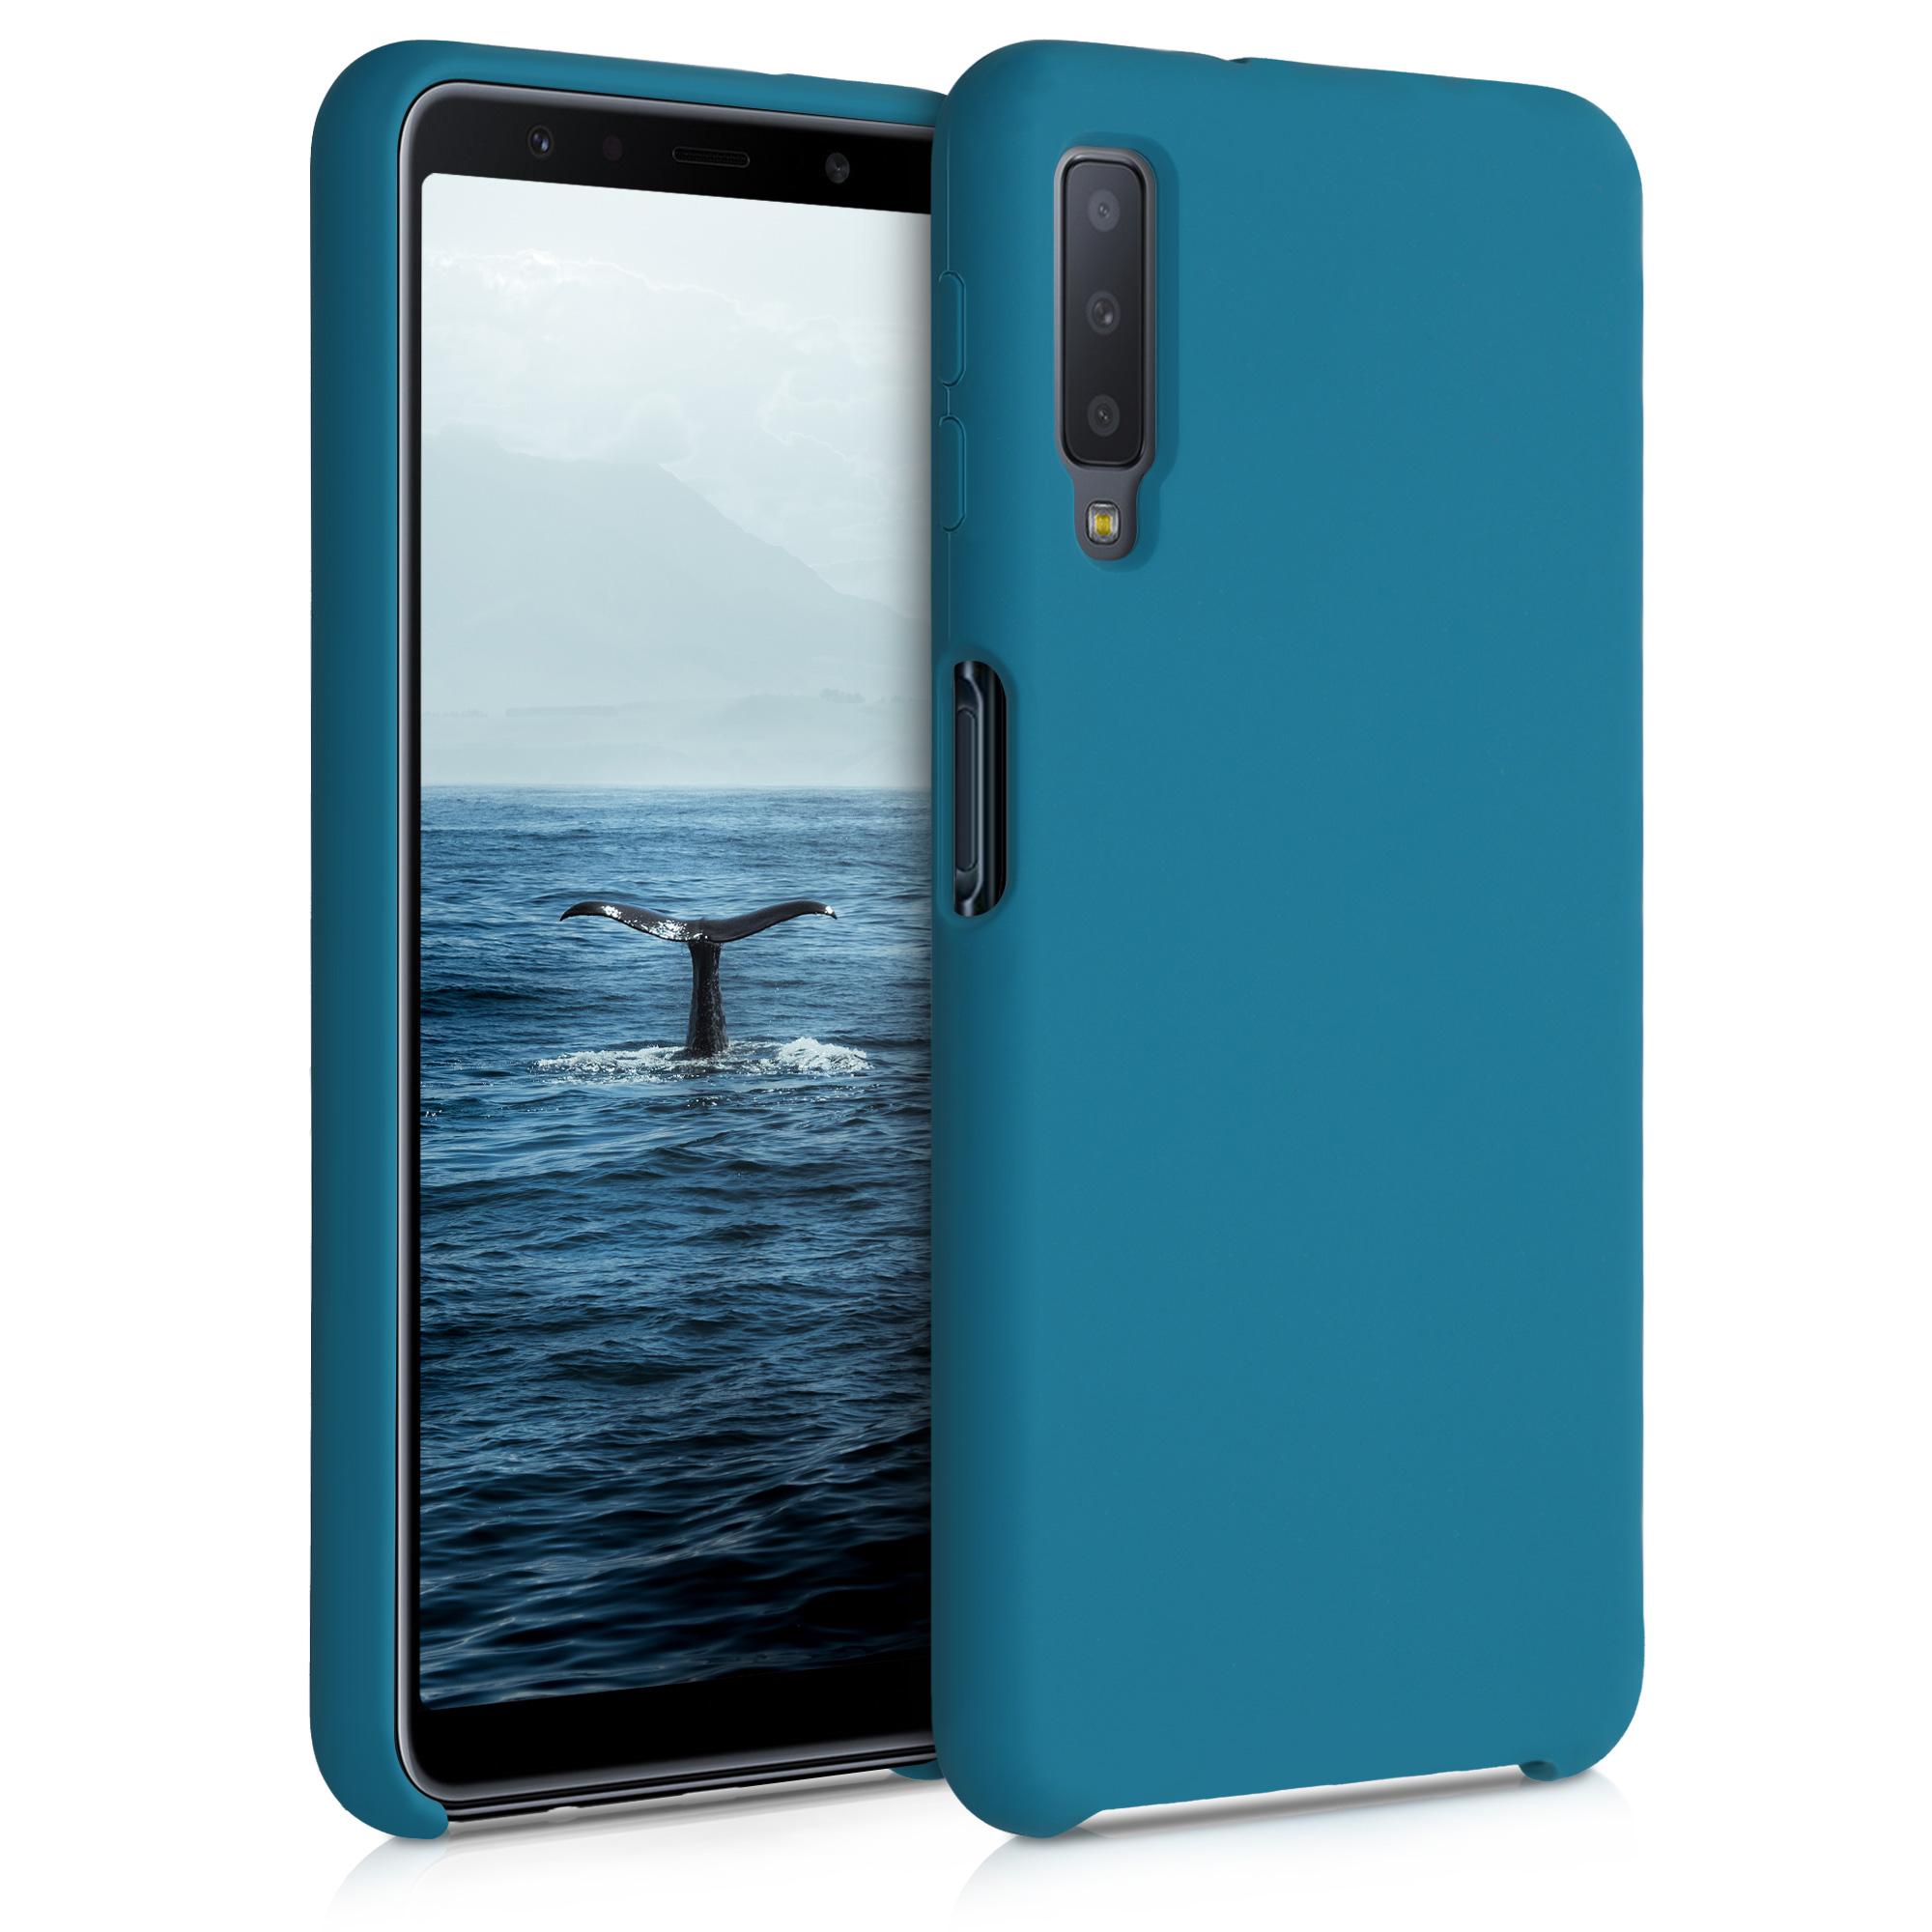 Kvalitní silikonové TPU pouzdro pro Samsung A7 (2018) - Teal matné